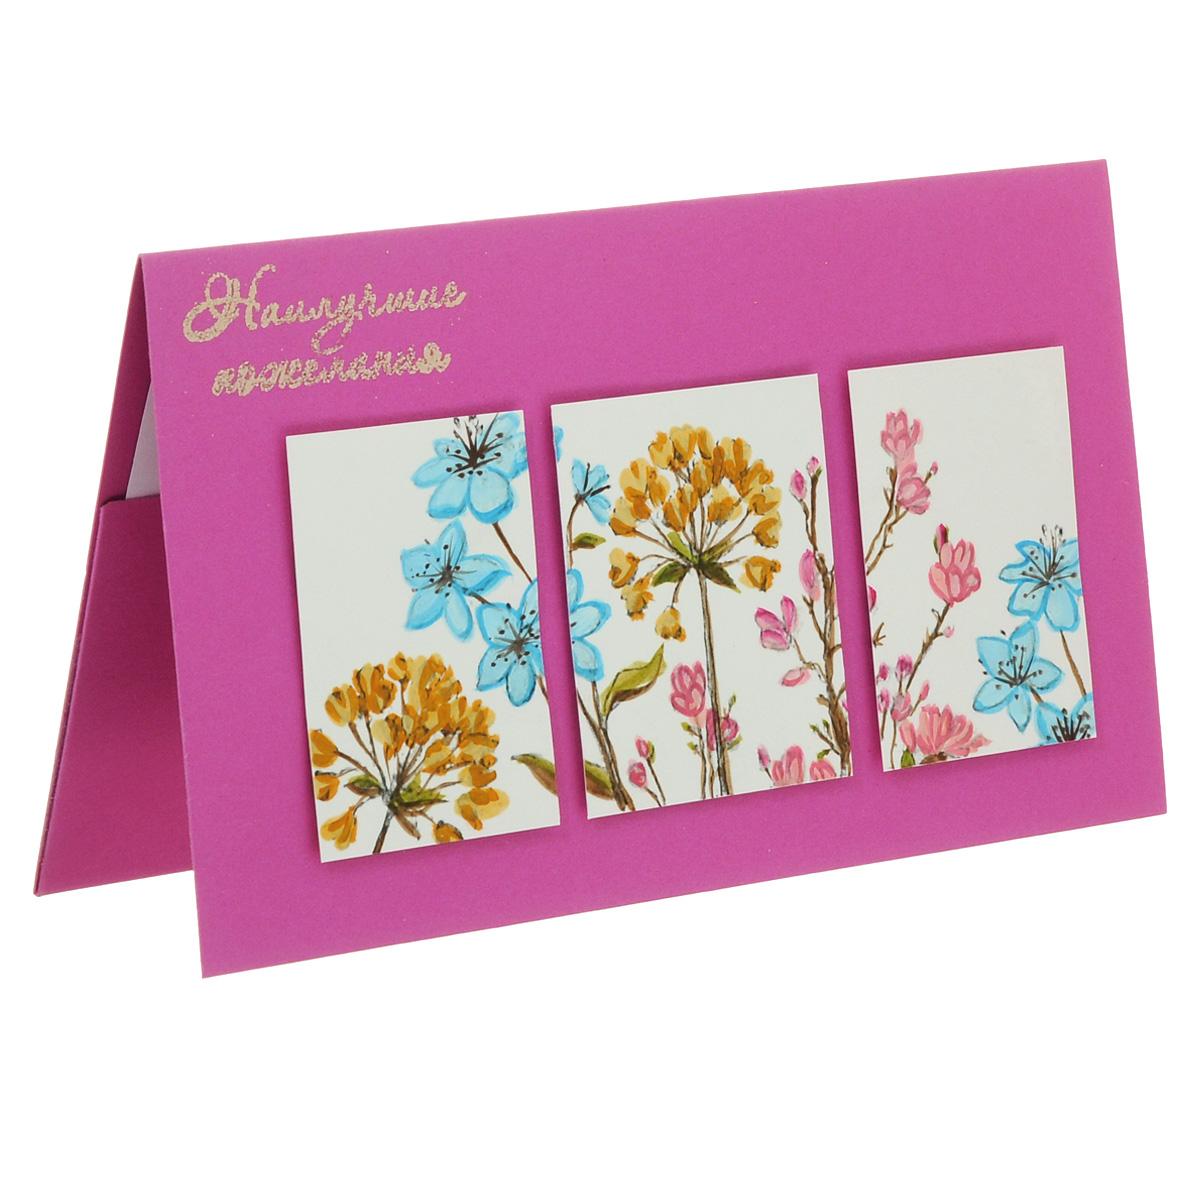 ОЖ-0024Открытка-конверт «Наилучшие пожелания» (триптих розовый). Студия «Тётя Роза»740291Характеристики: Размер 19 см x 11 см.Материал: Высоко-художественный картон, бумага, декор. Данная открытка может стать как прекрасным дополнением к вашему подарку, так и самостоятельным подарком. Так как открытка является и конвертом, в который вы можете вложить ваш денежный подарок или просто написать ваши пожелания на вкладыше. Дизайн этой открытки сложился из использования рукописного триптиха с цветочным мотивом полевых трав. В простоте решения этого поздравления заложена выразительность восприятия. Цветы прорисованы вручную акриловыми красками. Надпись выполнена в технике горячего термоподъема. Также открытка упакована в пакетик для сохранности.Обращаем Ваше внимание на то, что открытка может незначительно отличаться от представленной на фото.Открытки ручной работы от студии Тётя Роза отличаются своим неповторимым и ярким стилем. Каждая уникальна и выполнена вручную мастерами студии. (Открытка для мужчин, открытка для женщины, открытка на день рождения, открытка с днем свадьбы, открытка винтаж, открытка с юбилеем, открытка на все случаи, скрапбукинг)